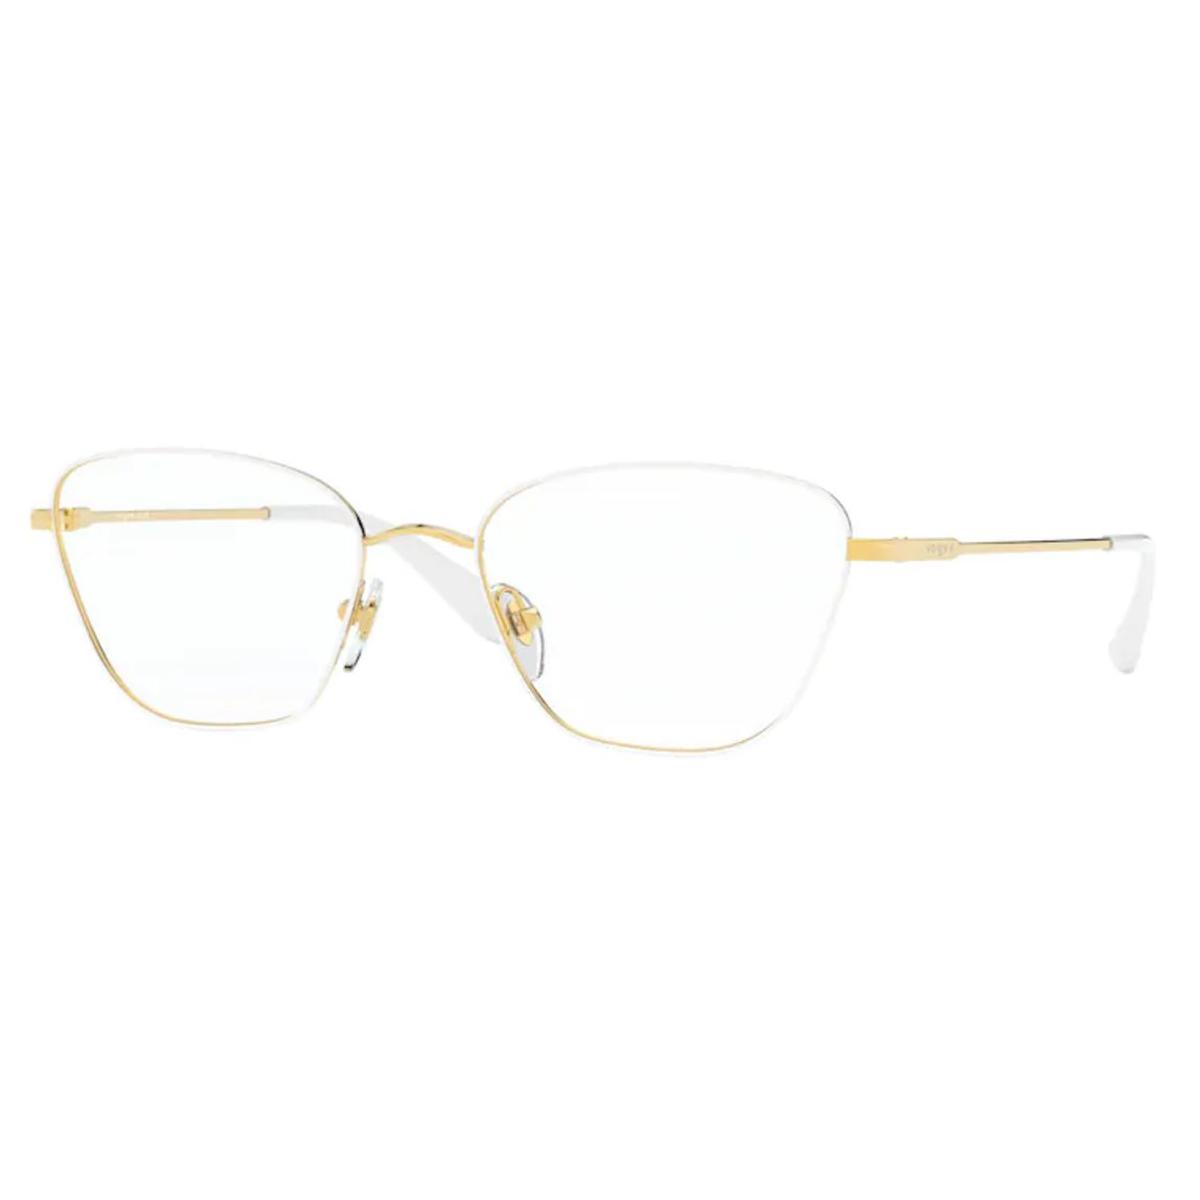 Óculos de Grau Feminino Vogue VO4163 Branco com Dourado